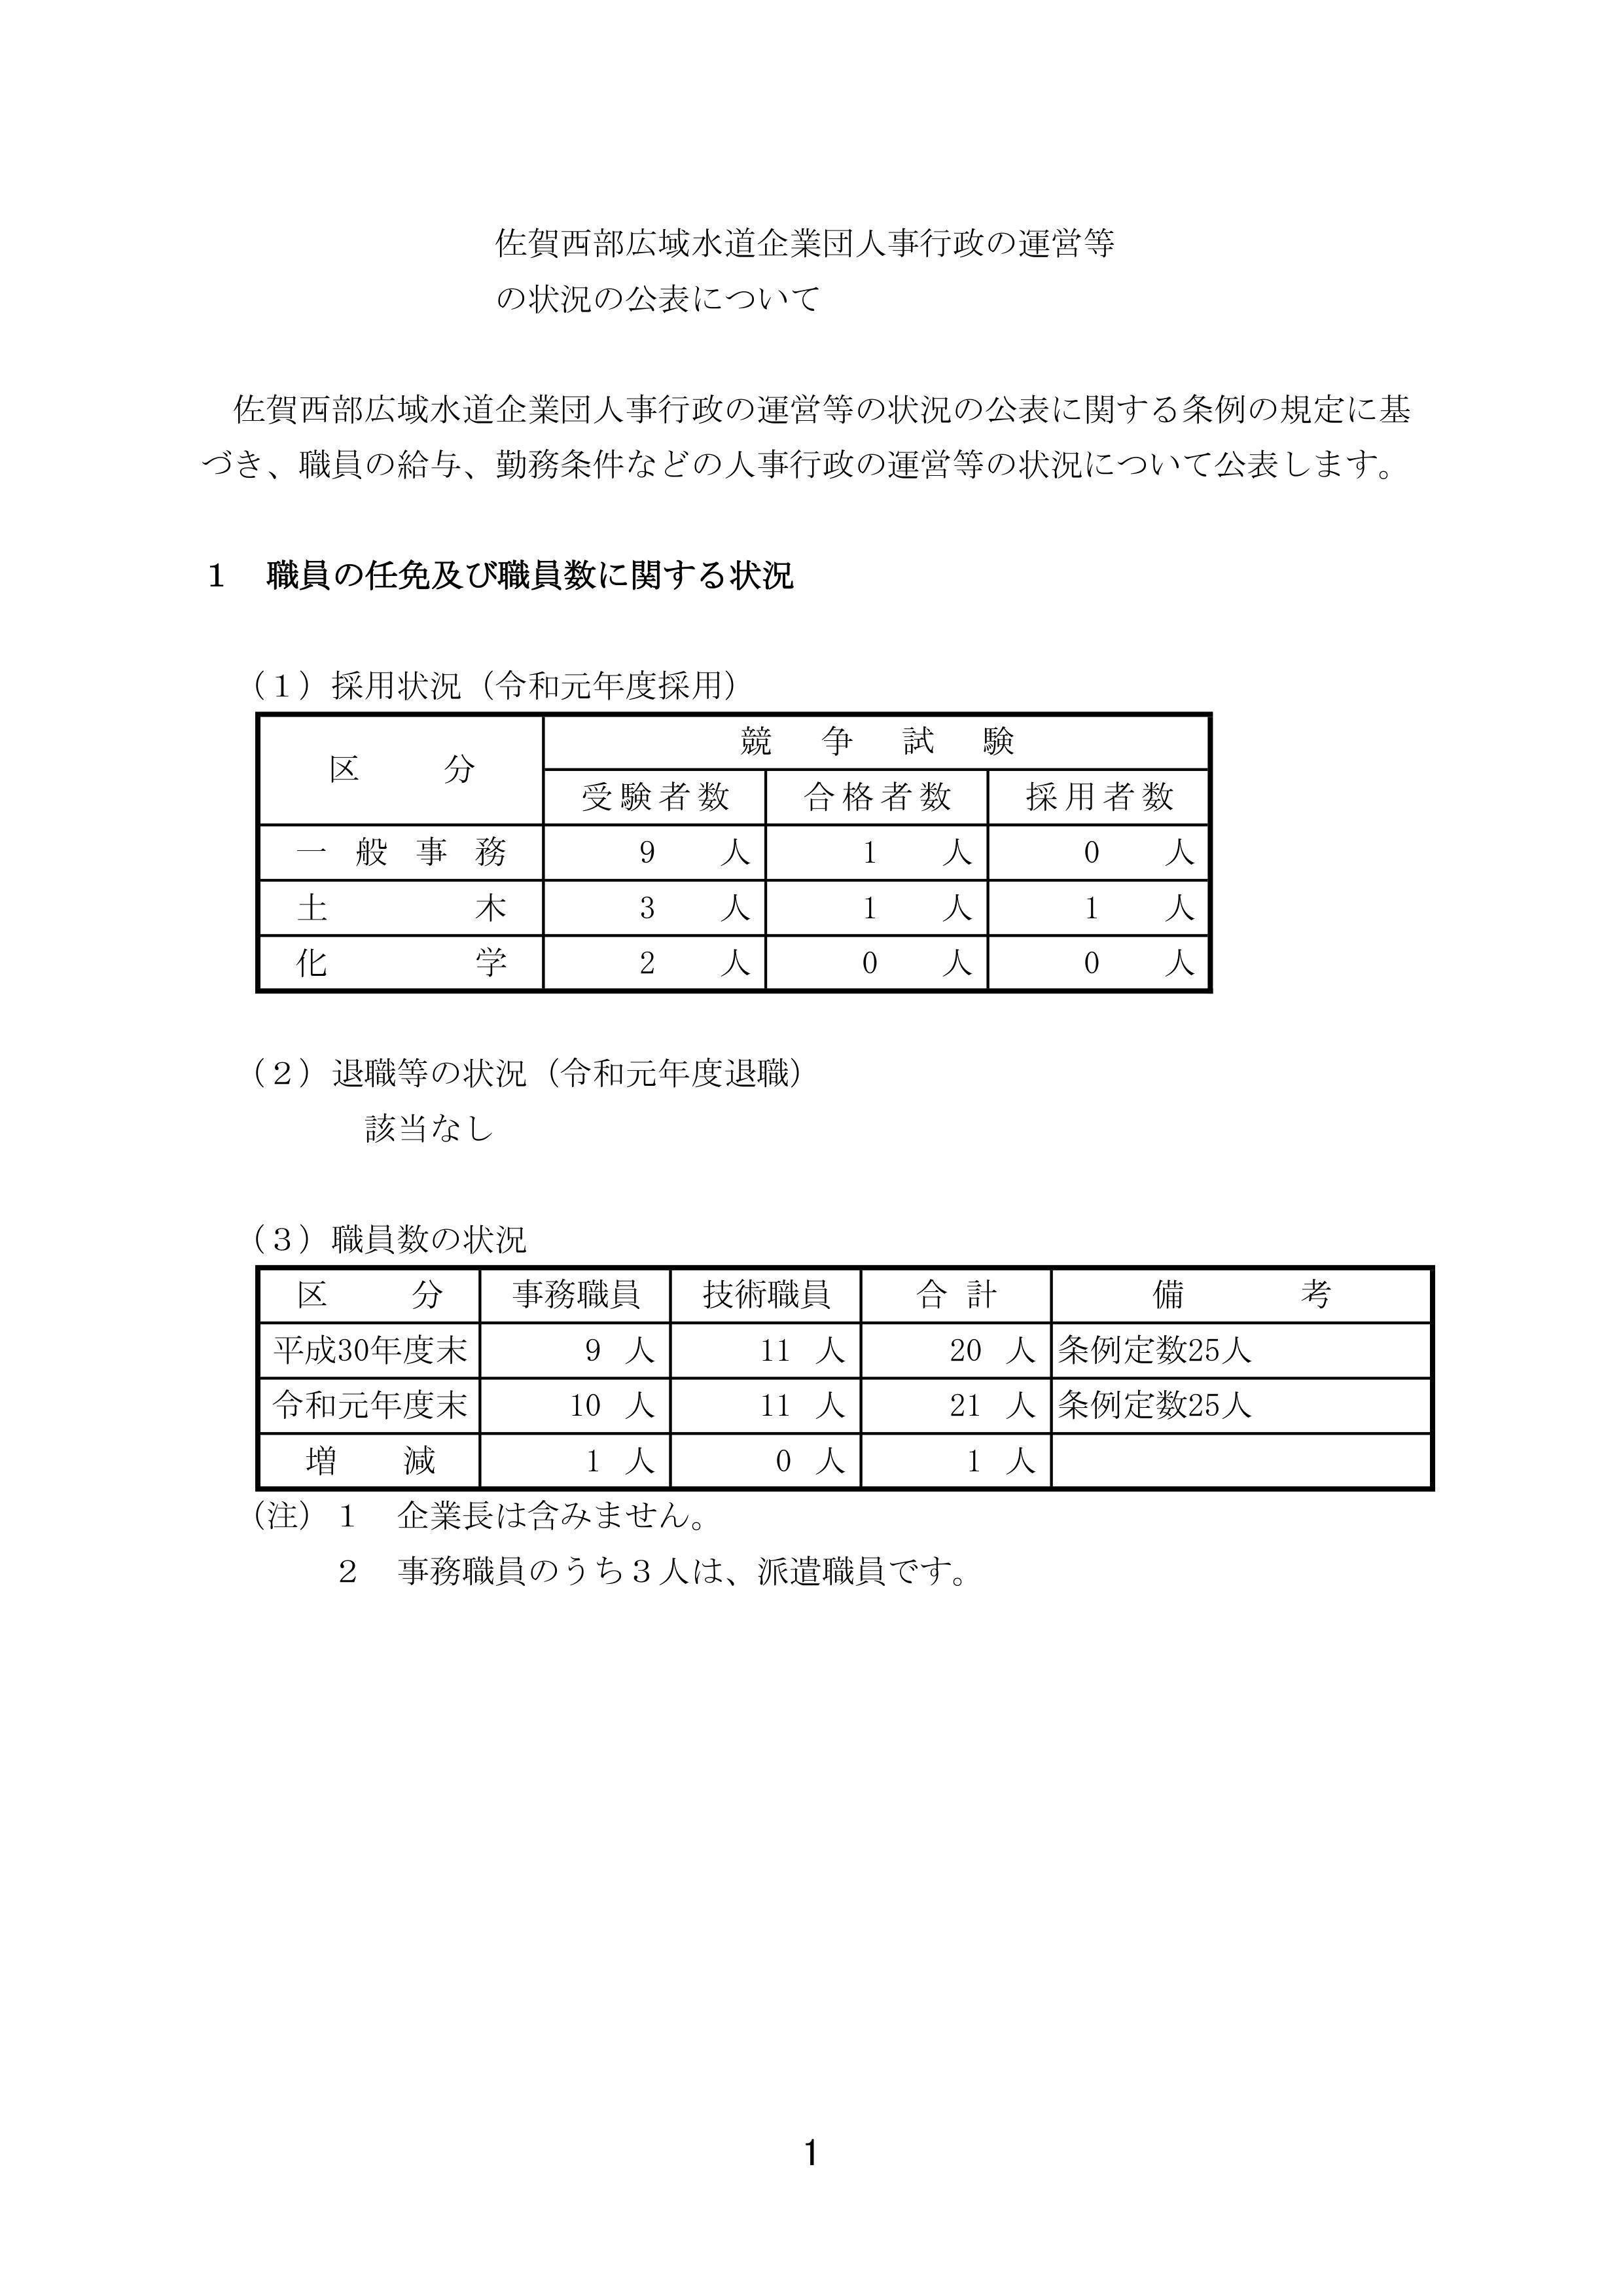 佐賀 西部 広域 水道 企業 団